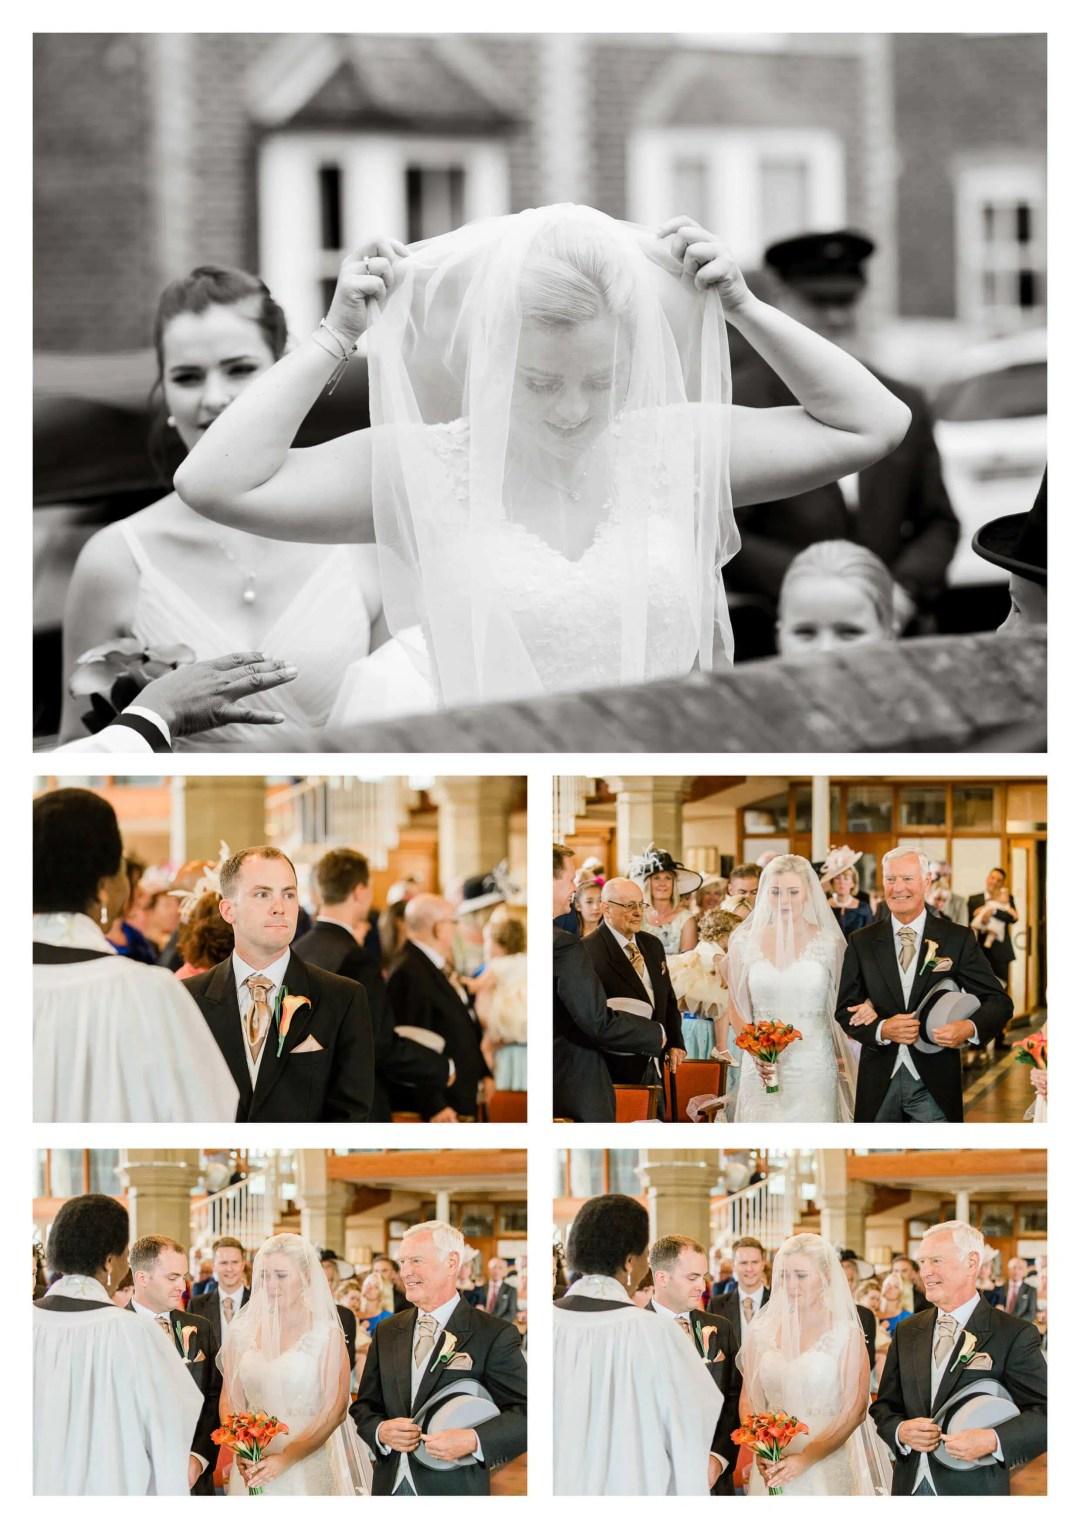 St Bartholomew's Church wedding emotional groom reaction | Surrey Photography